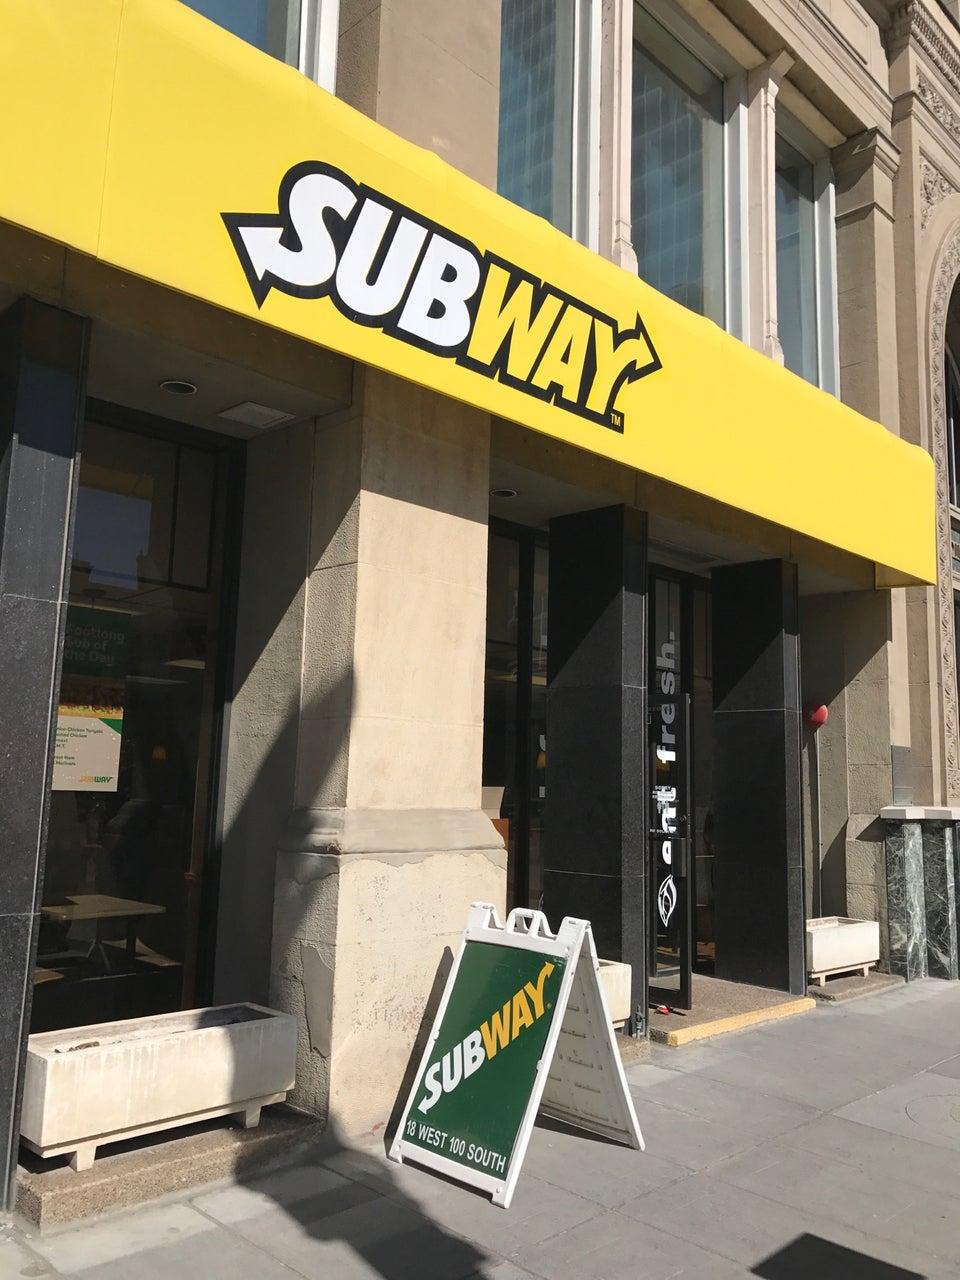 Subway Salt Lake City